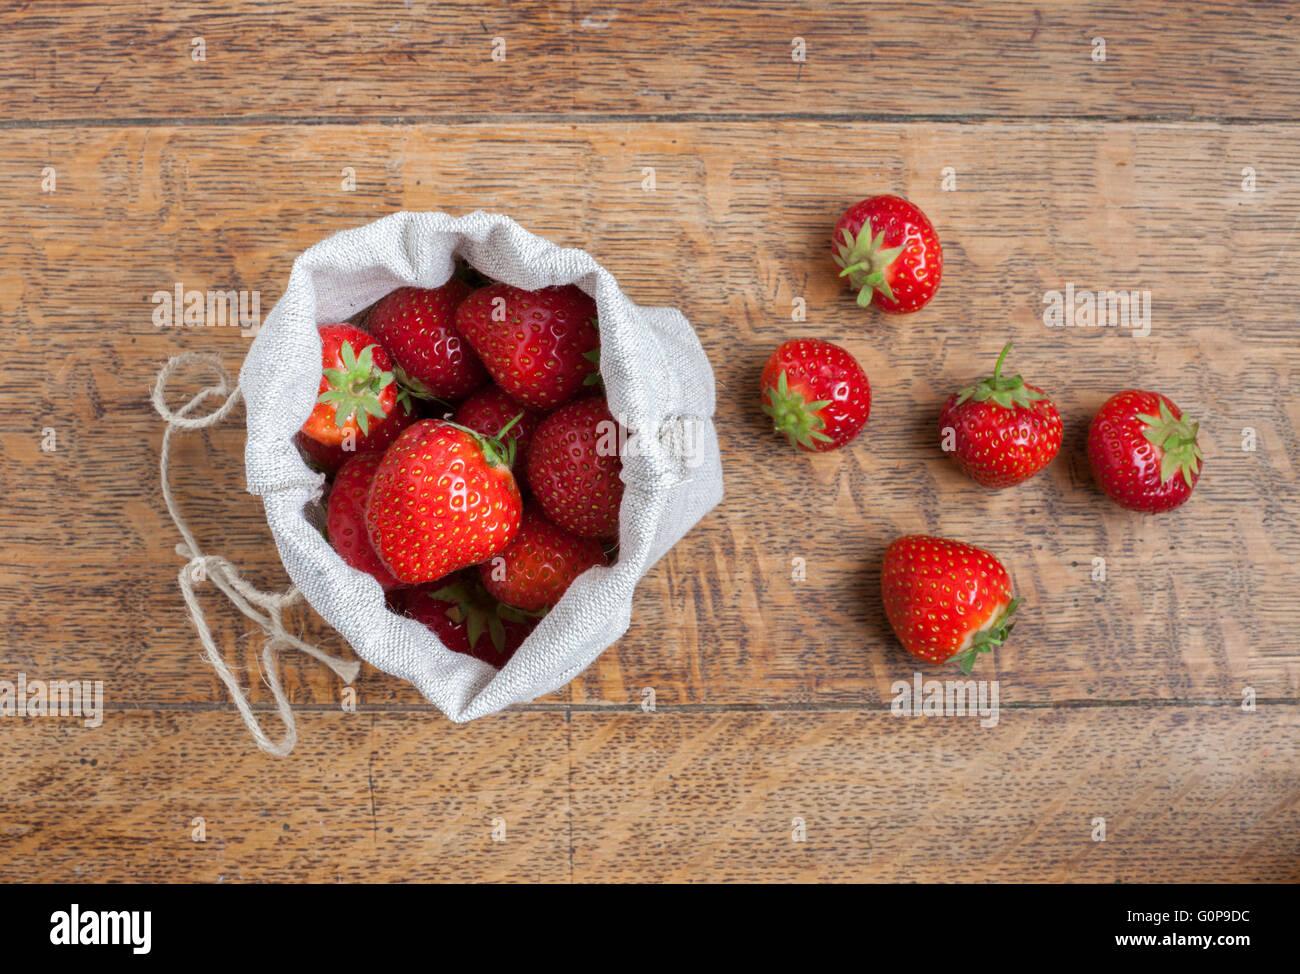 Draufsicht auf frischen Erdbeeren in einem kleinen hessischen Beutel ...